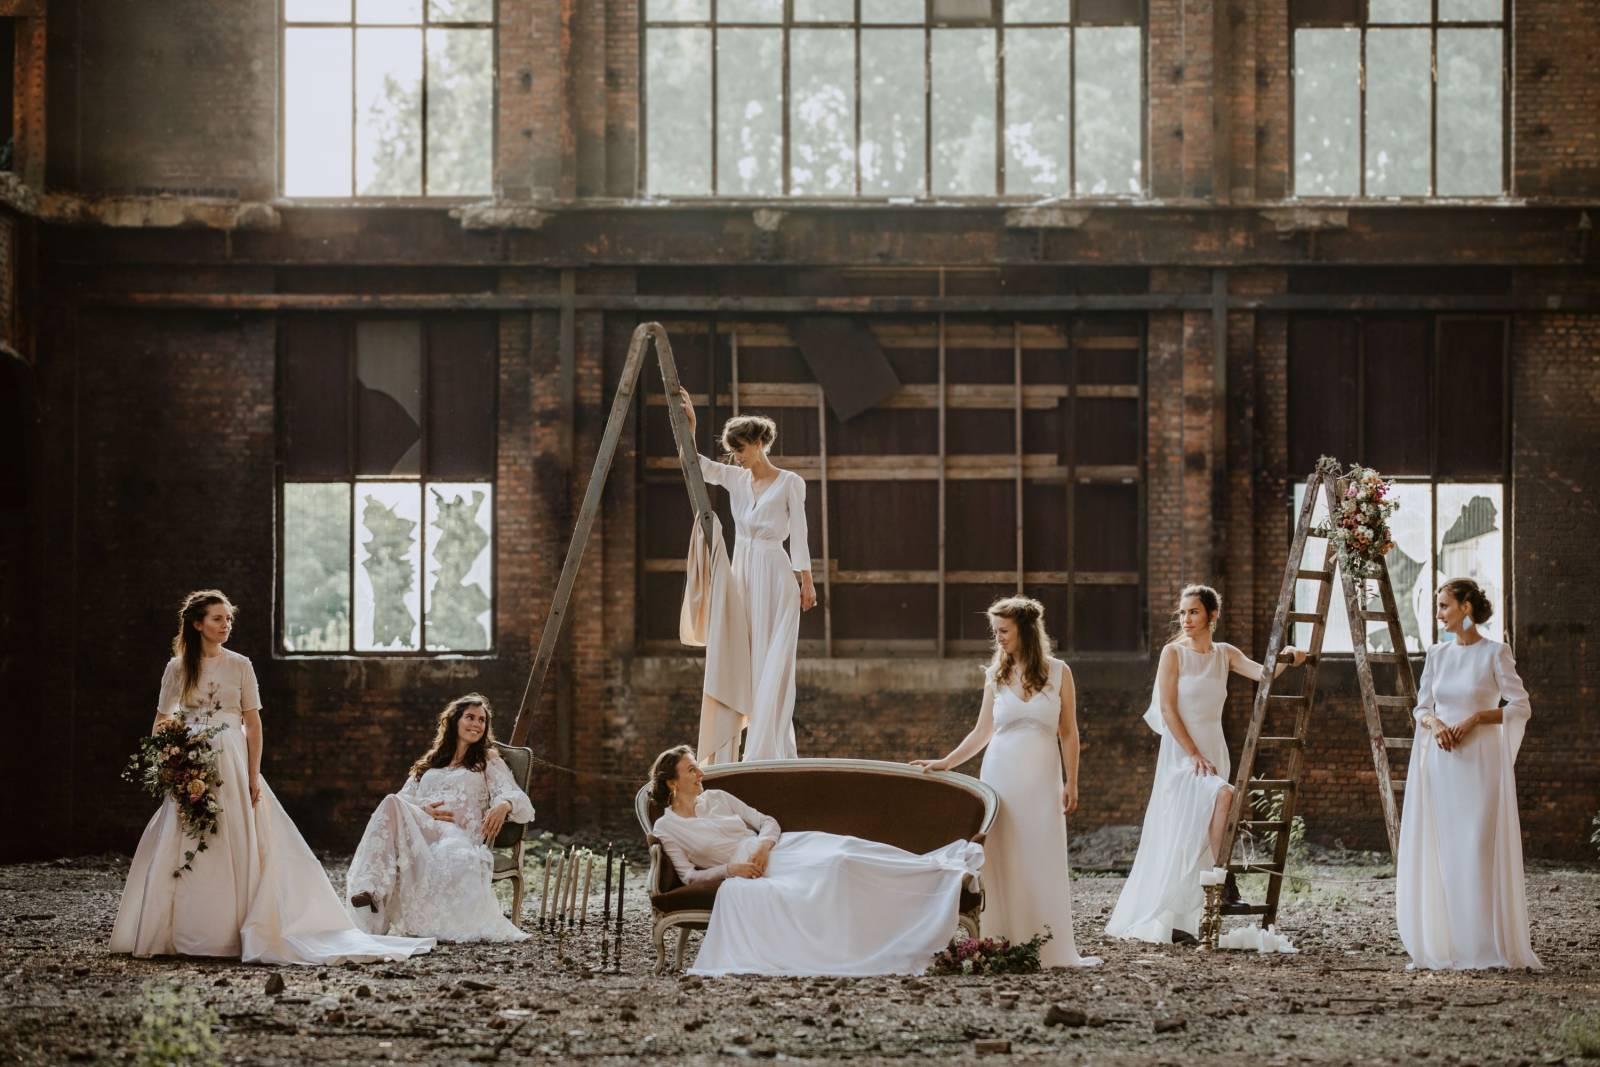 LO VE - Make-up & Haar - House of Weddings - 2